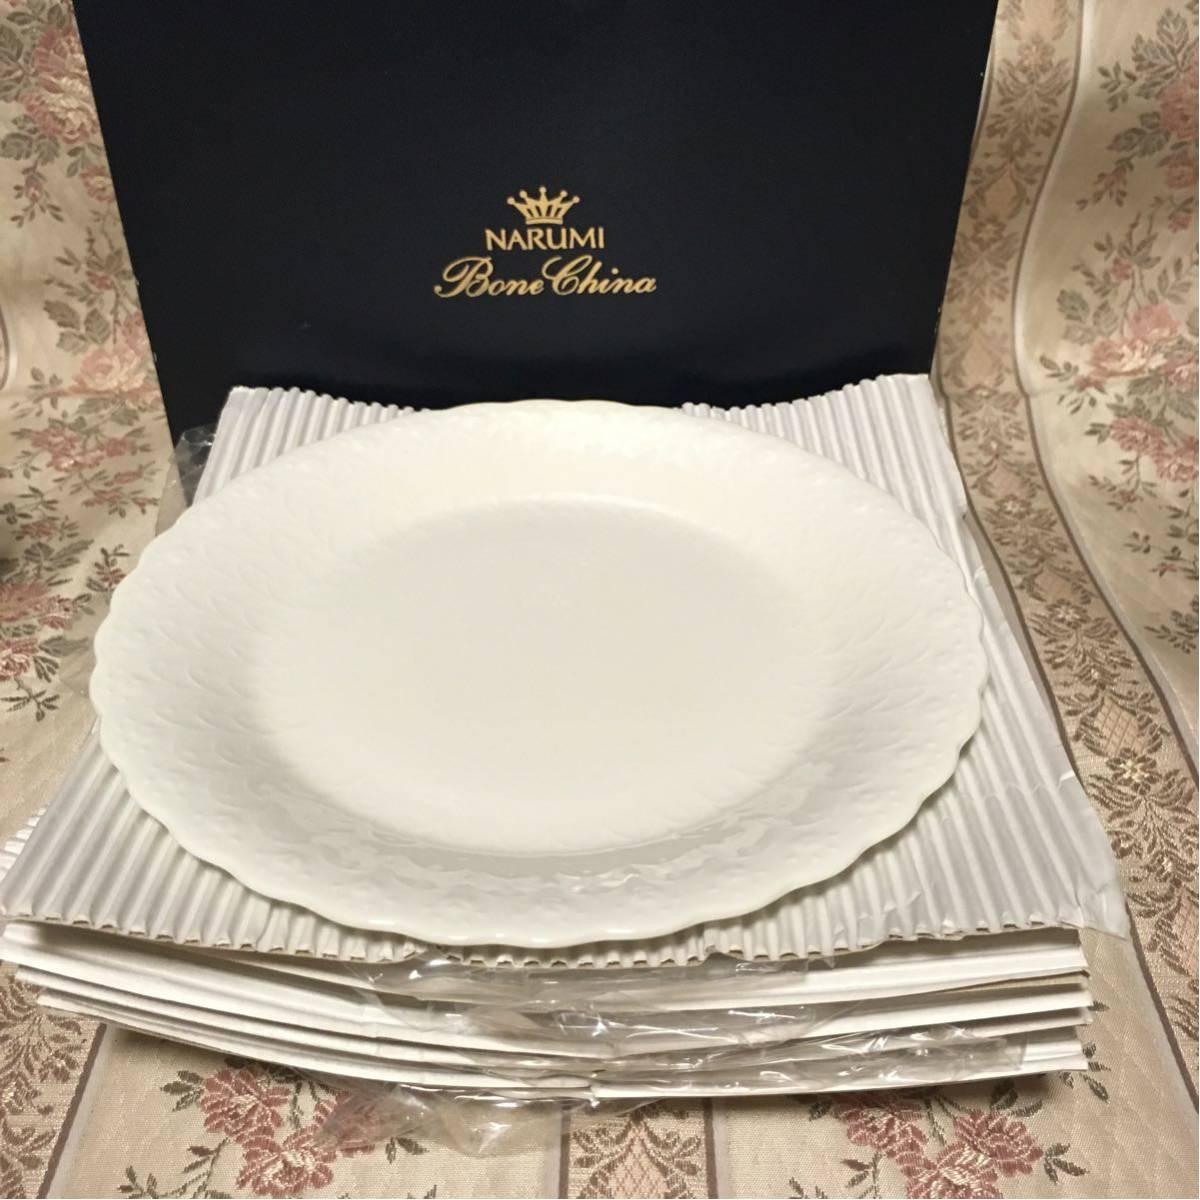 新品★ナルミ シルキーホワイト 19cm プレート ケーキ皿 6枚セット